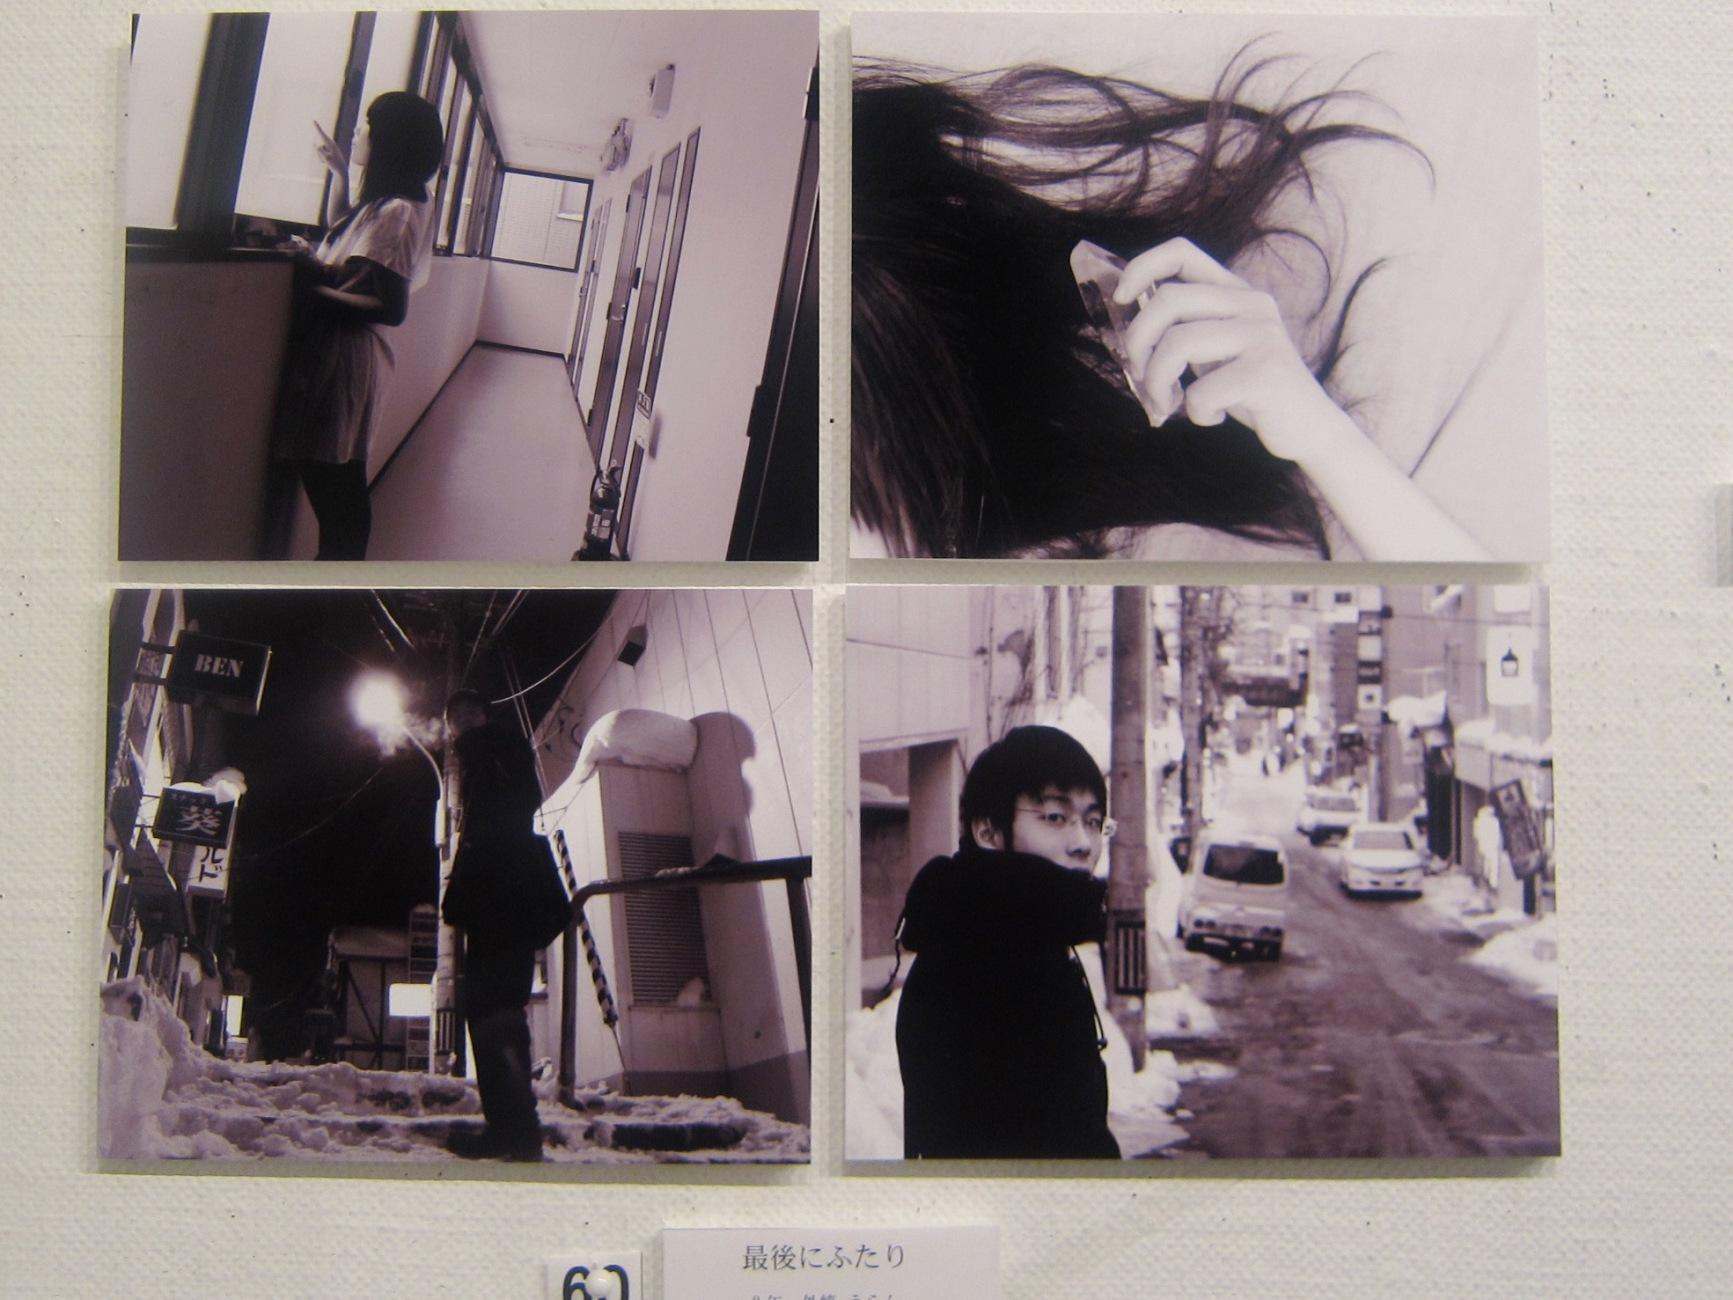 1943)①「札幌大学写真部 卒業写真展 & 学外写真展」 市民g. 終了2月20日(水)~2月24日(日)  _f0126829_2155414.jpg